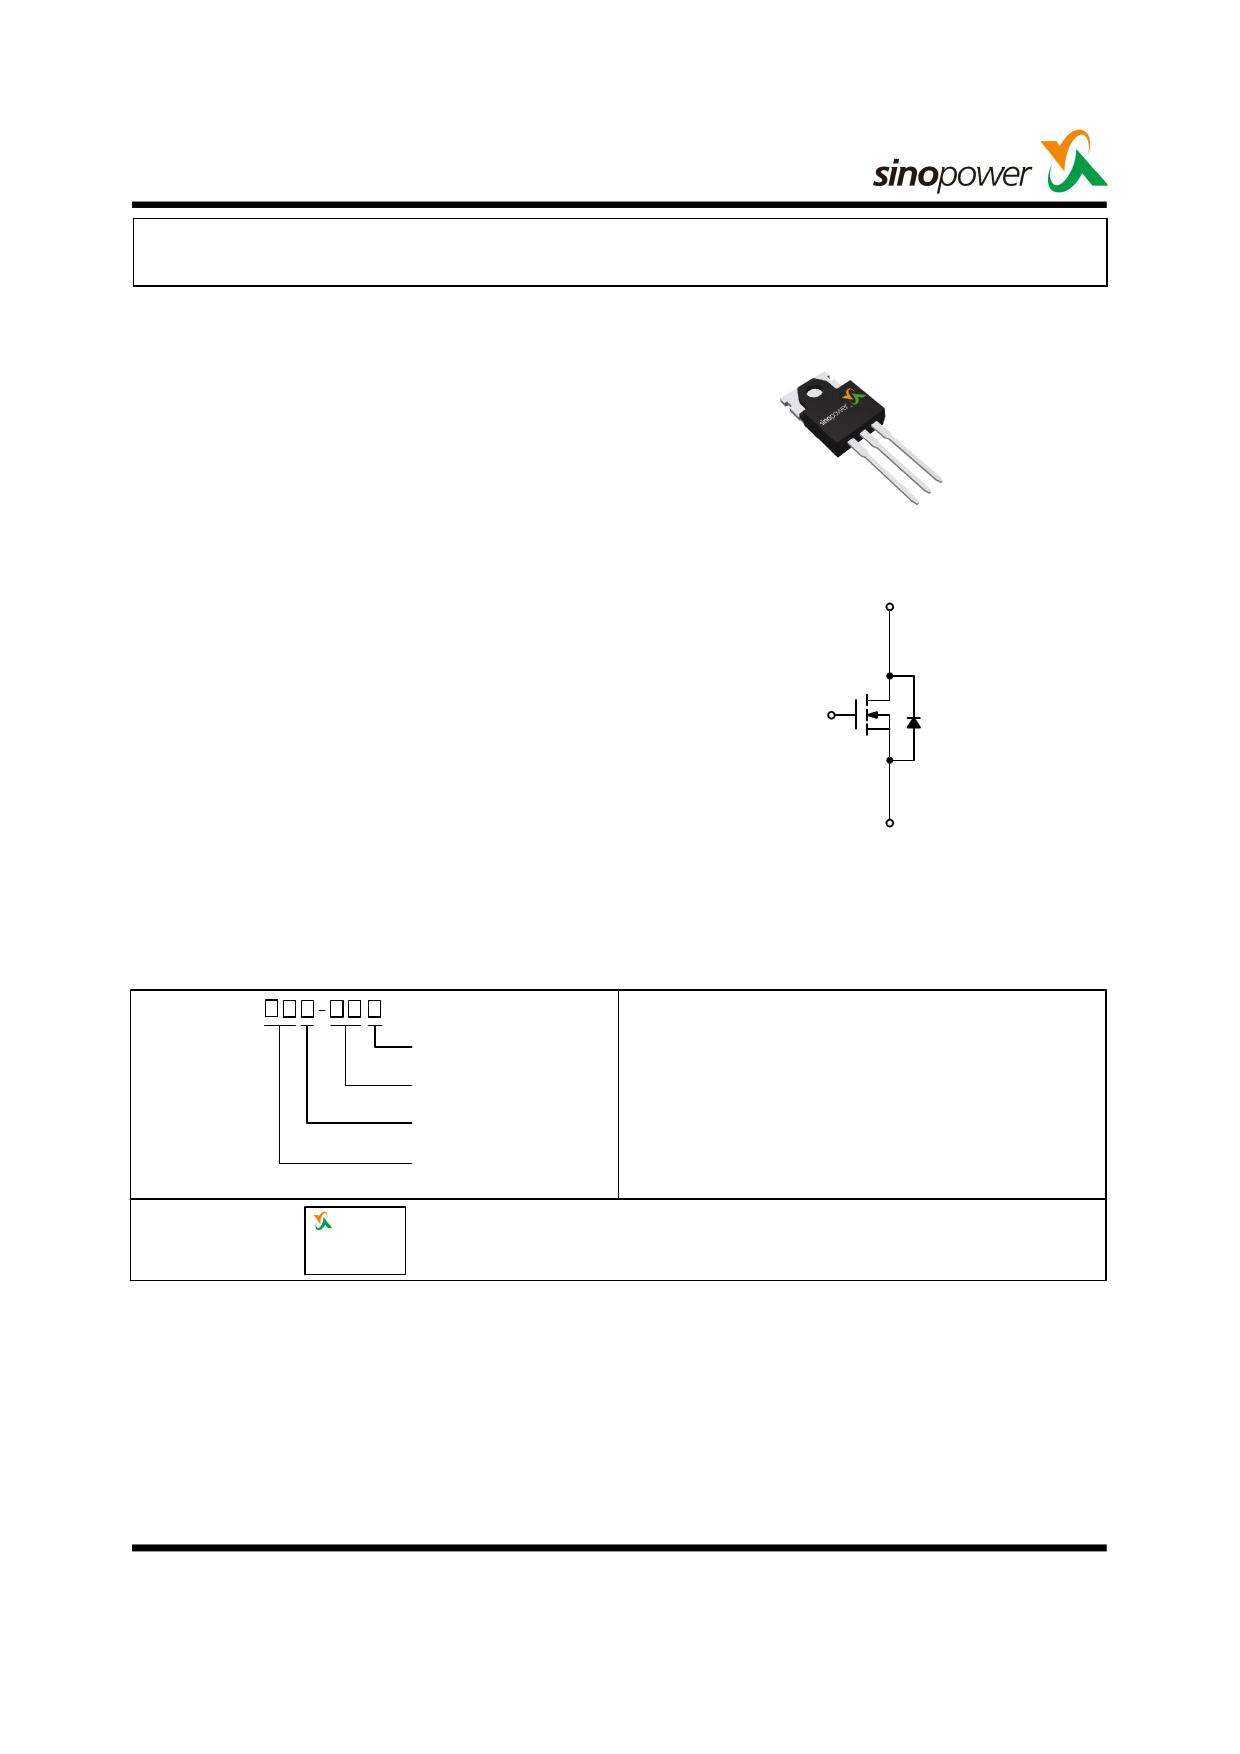 SM7575NSFH datasheet pinout pdf